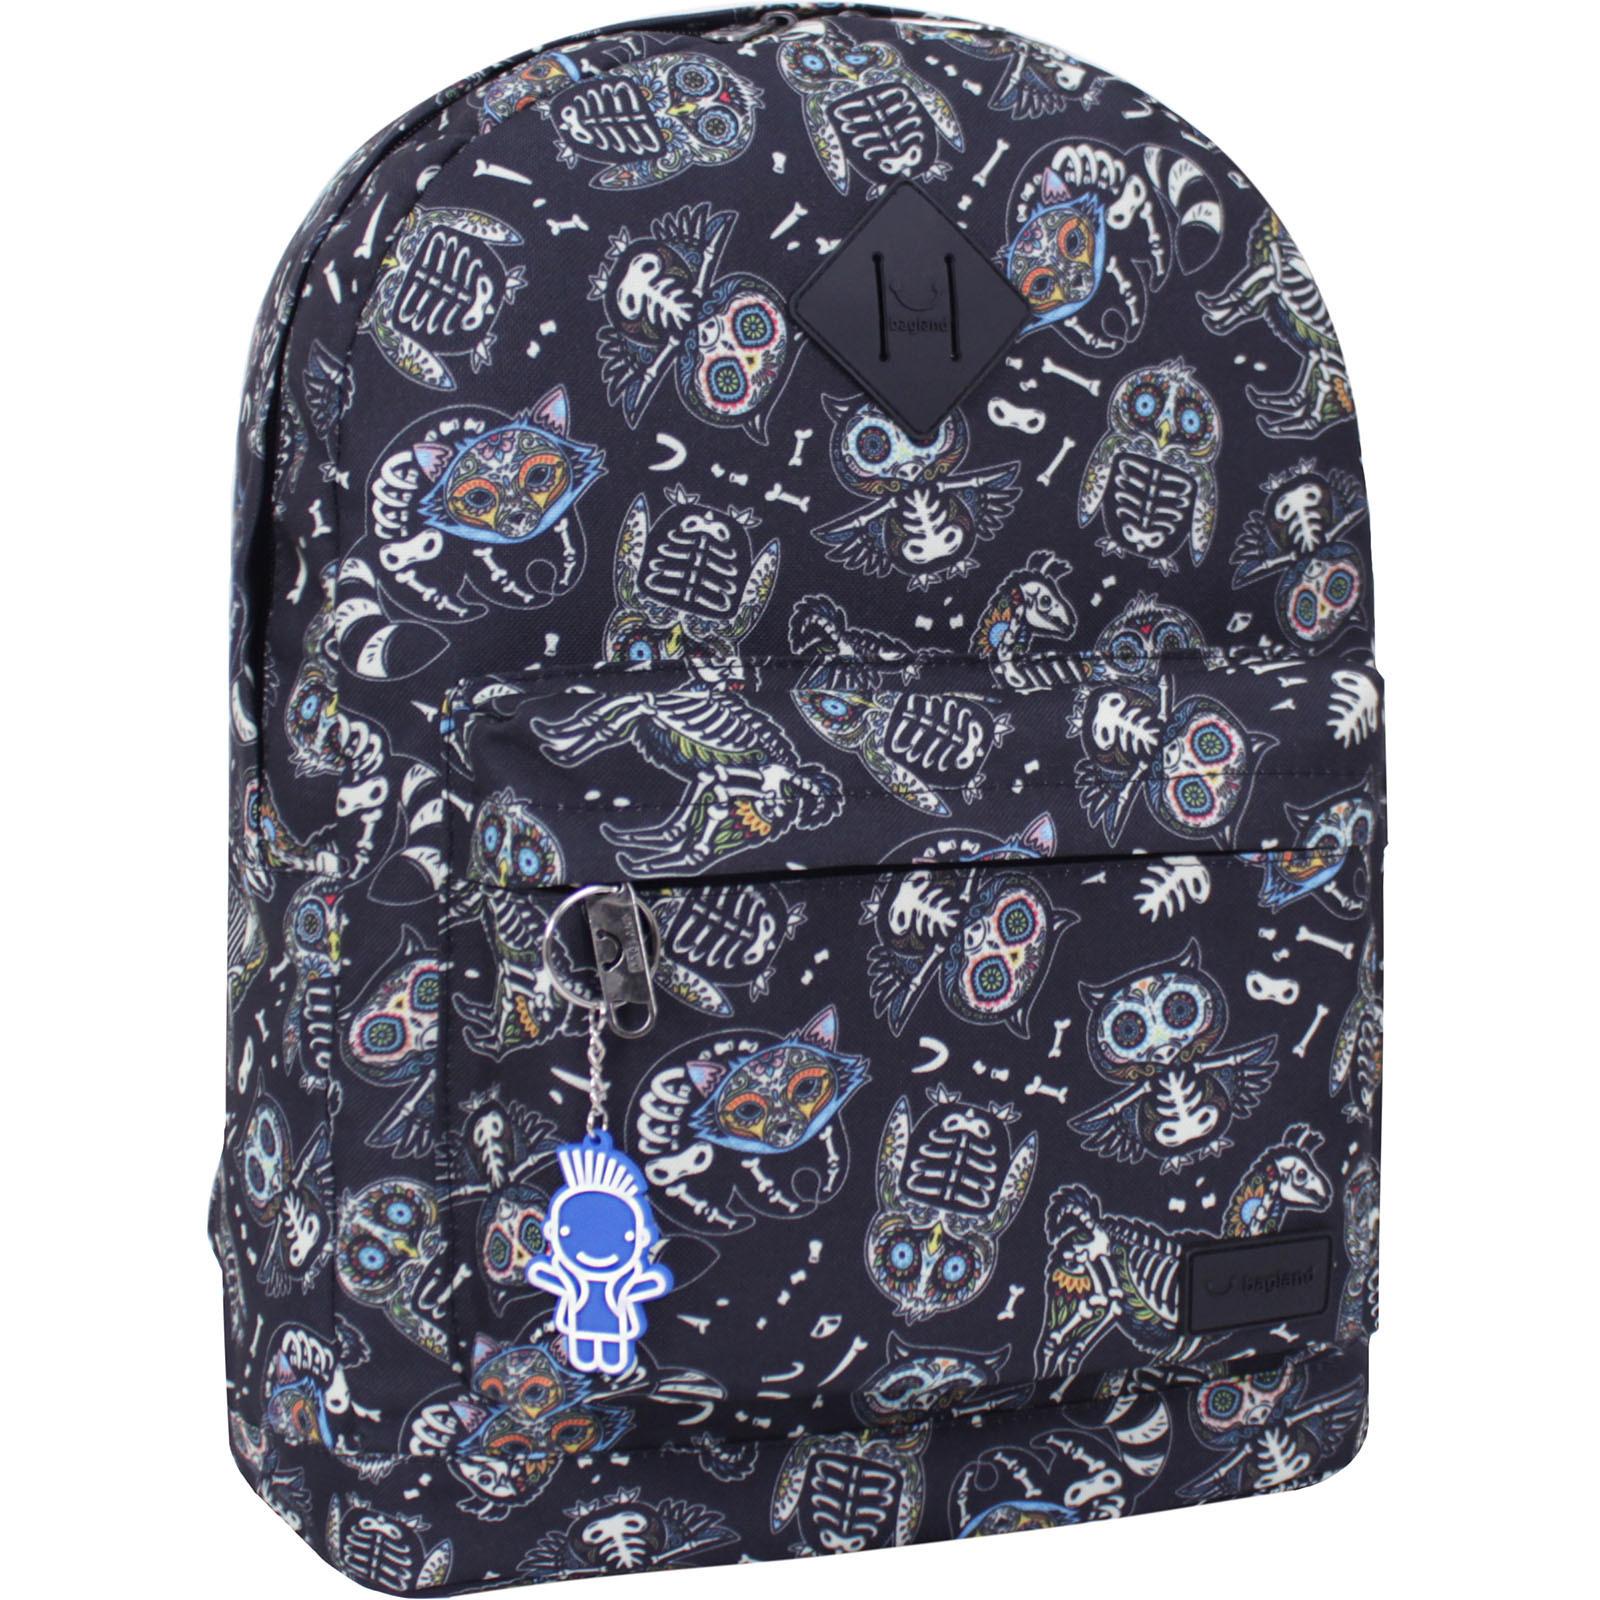 Молодежные рюкзаки Рюкзак Bagland Молодежный (дизайн) 17 л. сублімація 474 (00533664) IMG_3584_суб.474_.JPG